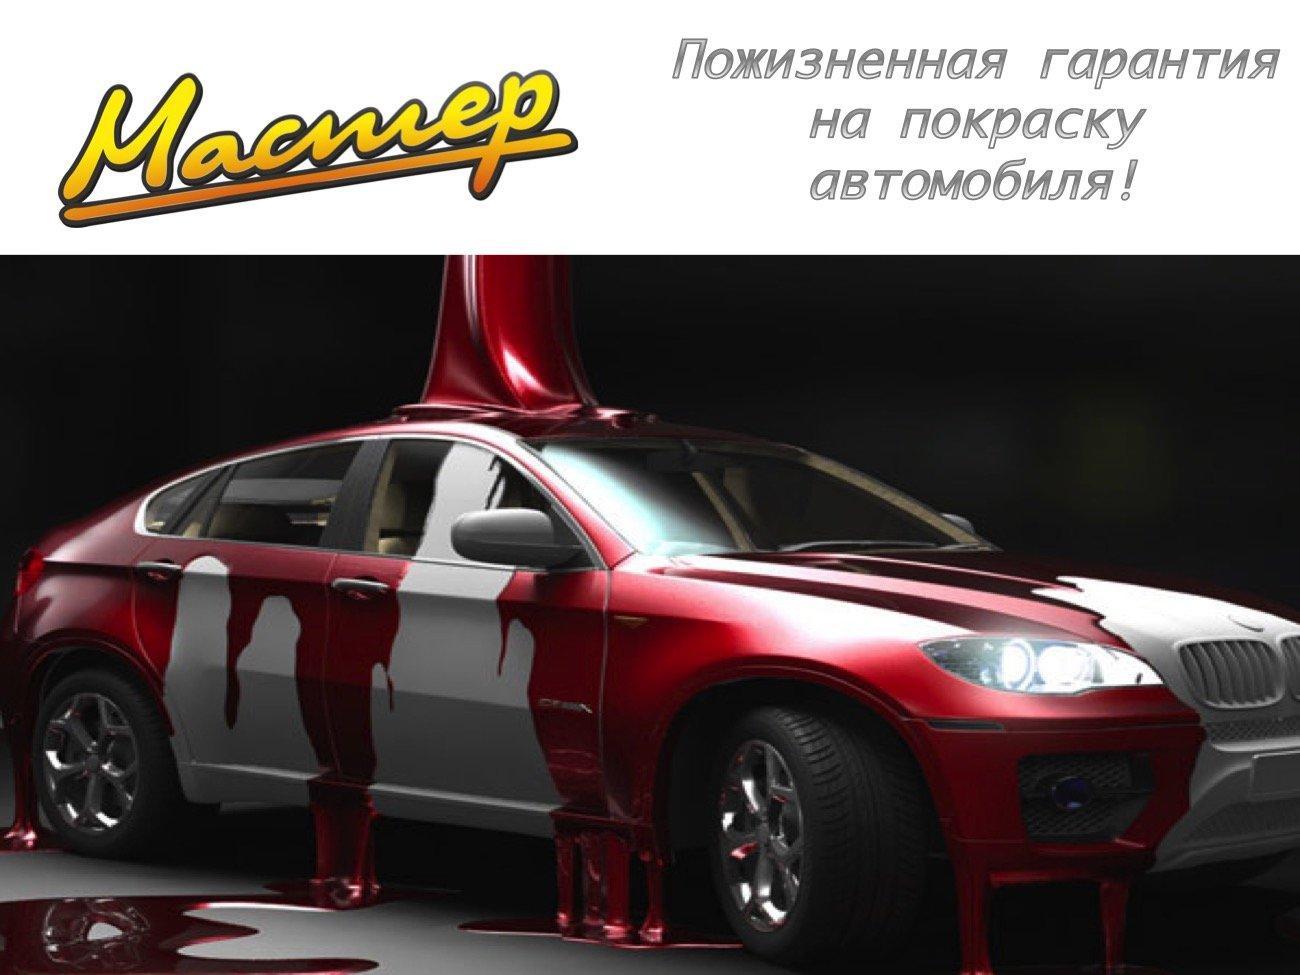 фотография Мастер. Пожизненная гарантия на покраску автомобиля